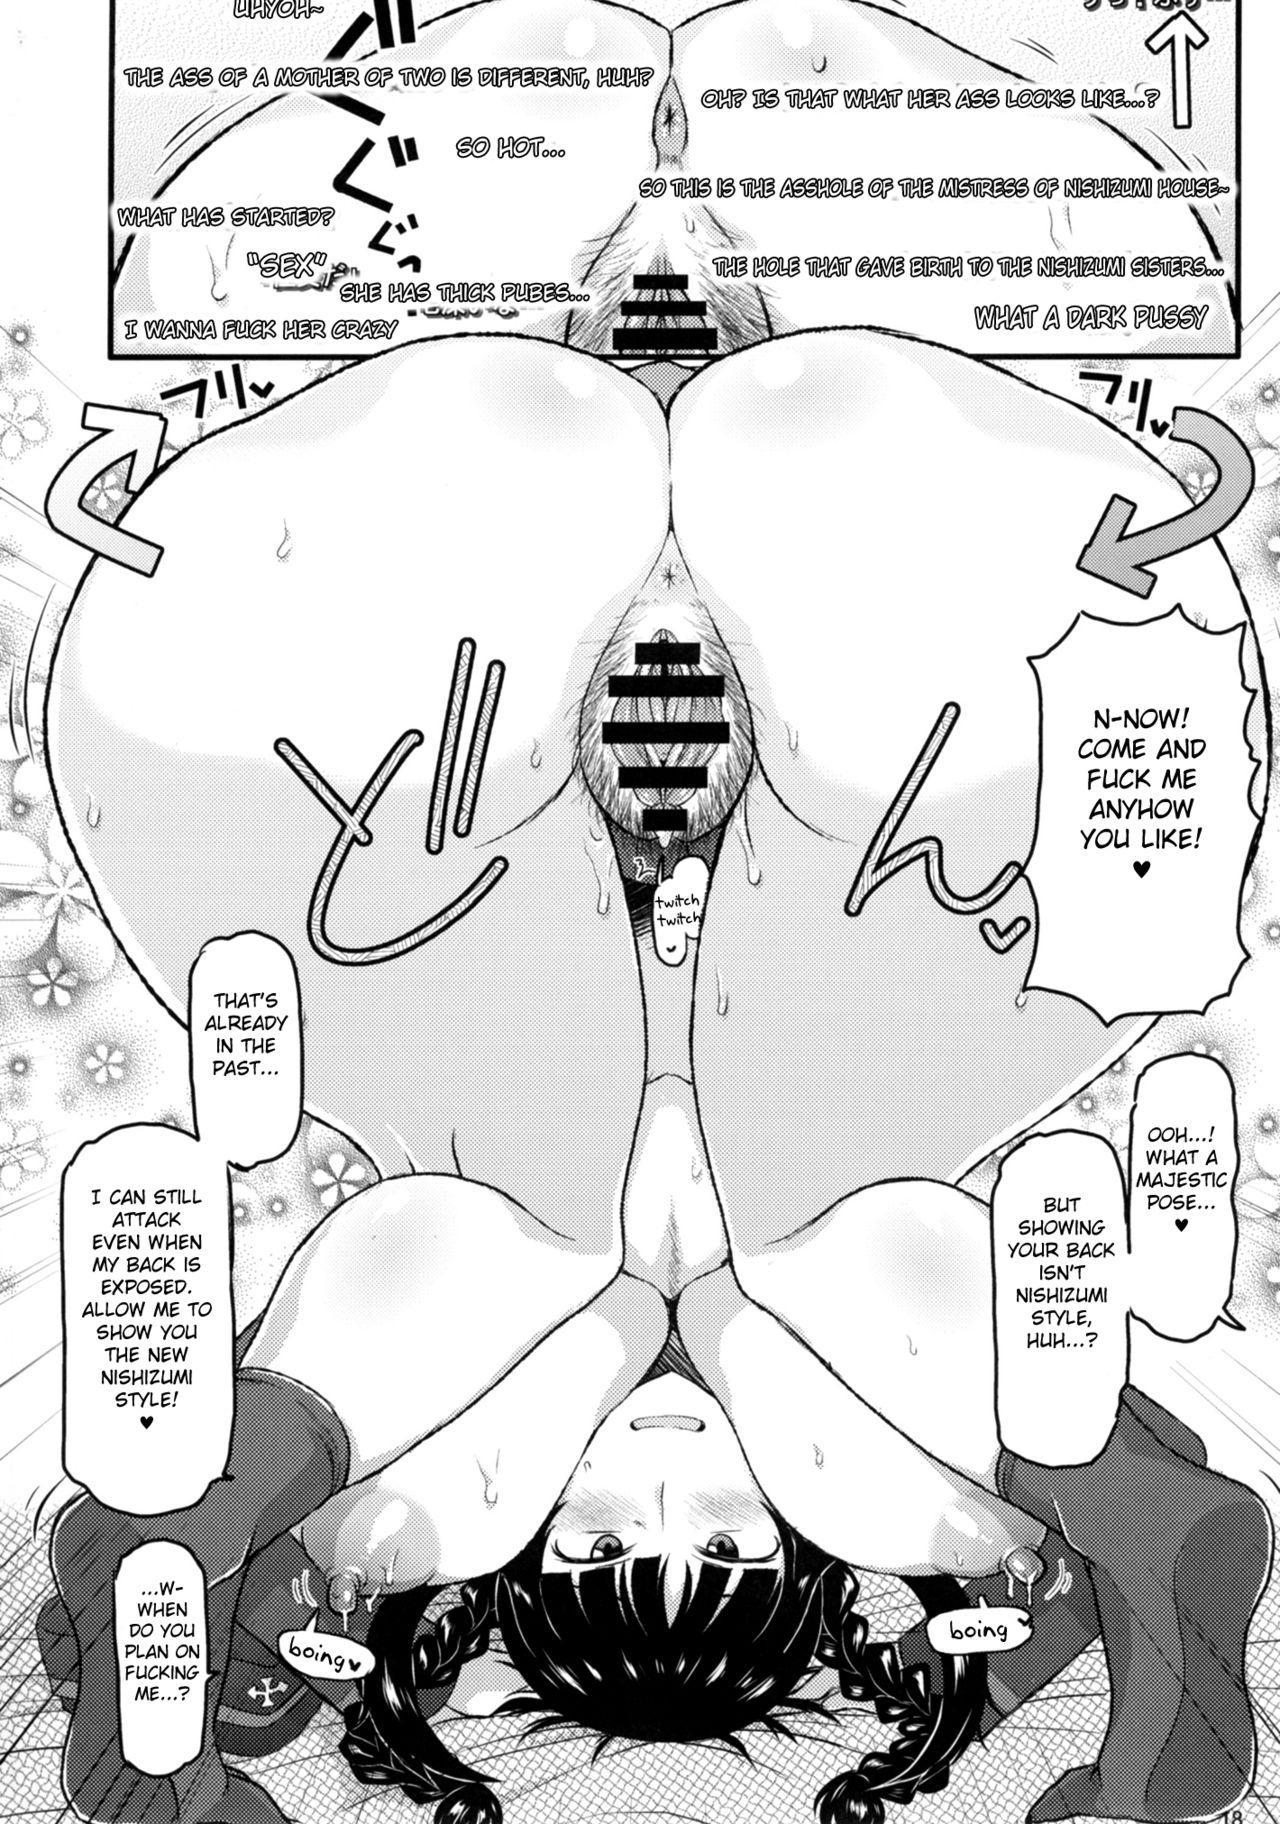 Girl?s & Semen III Nishizumi Shiho no Moteamashita Ureure Body o Chuunen Chinpo de Soutou Sakusen! Iemoto Ransou ni Idenshi Seichuu Butai Shinkou Kaishi 18